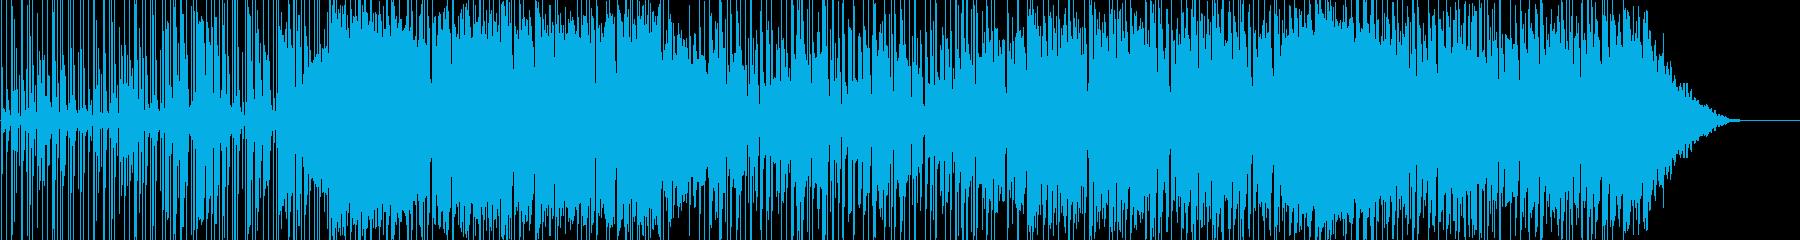 かわいい雰囲気のエレクトロポップスの再生済みの波形